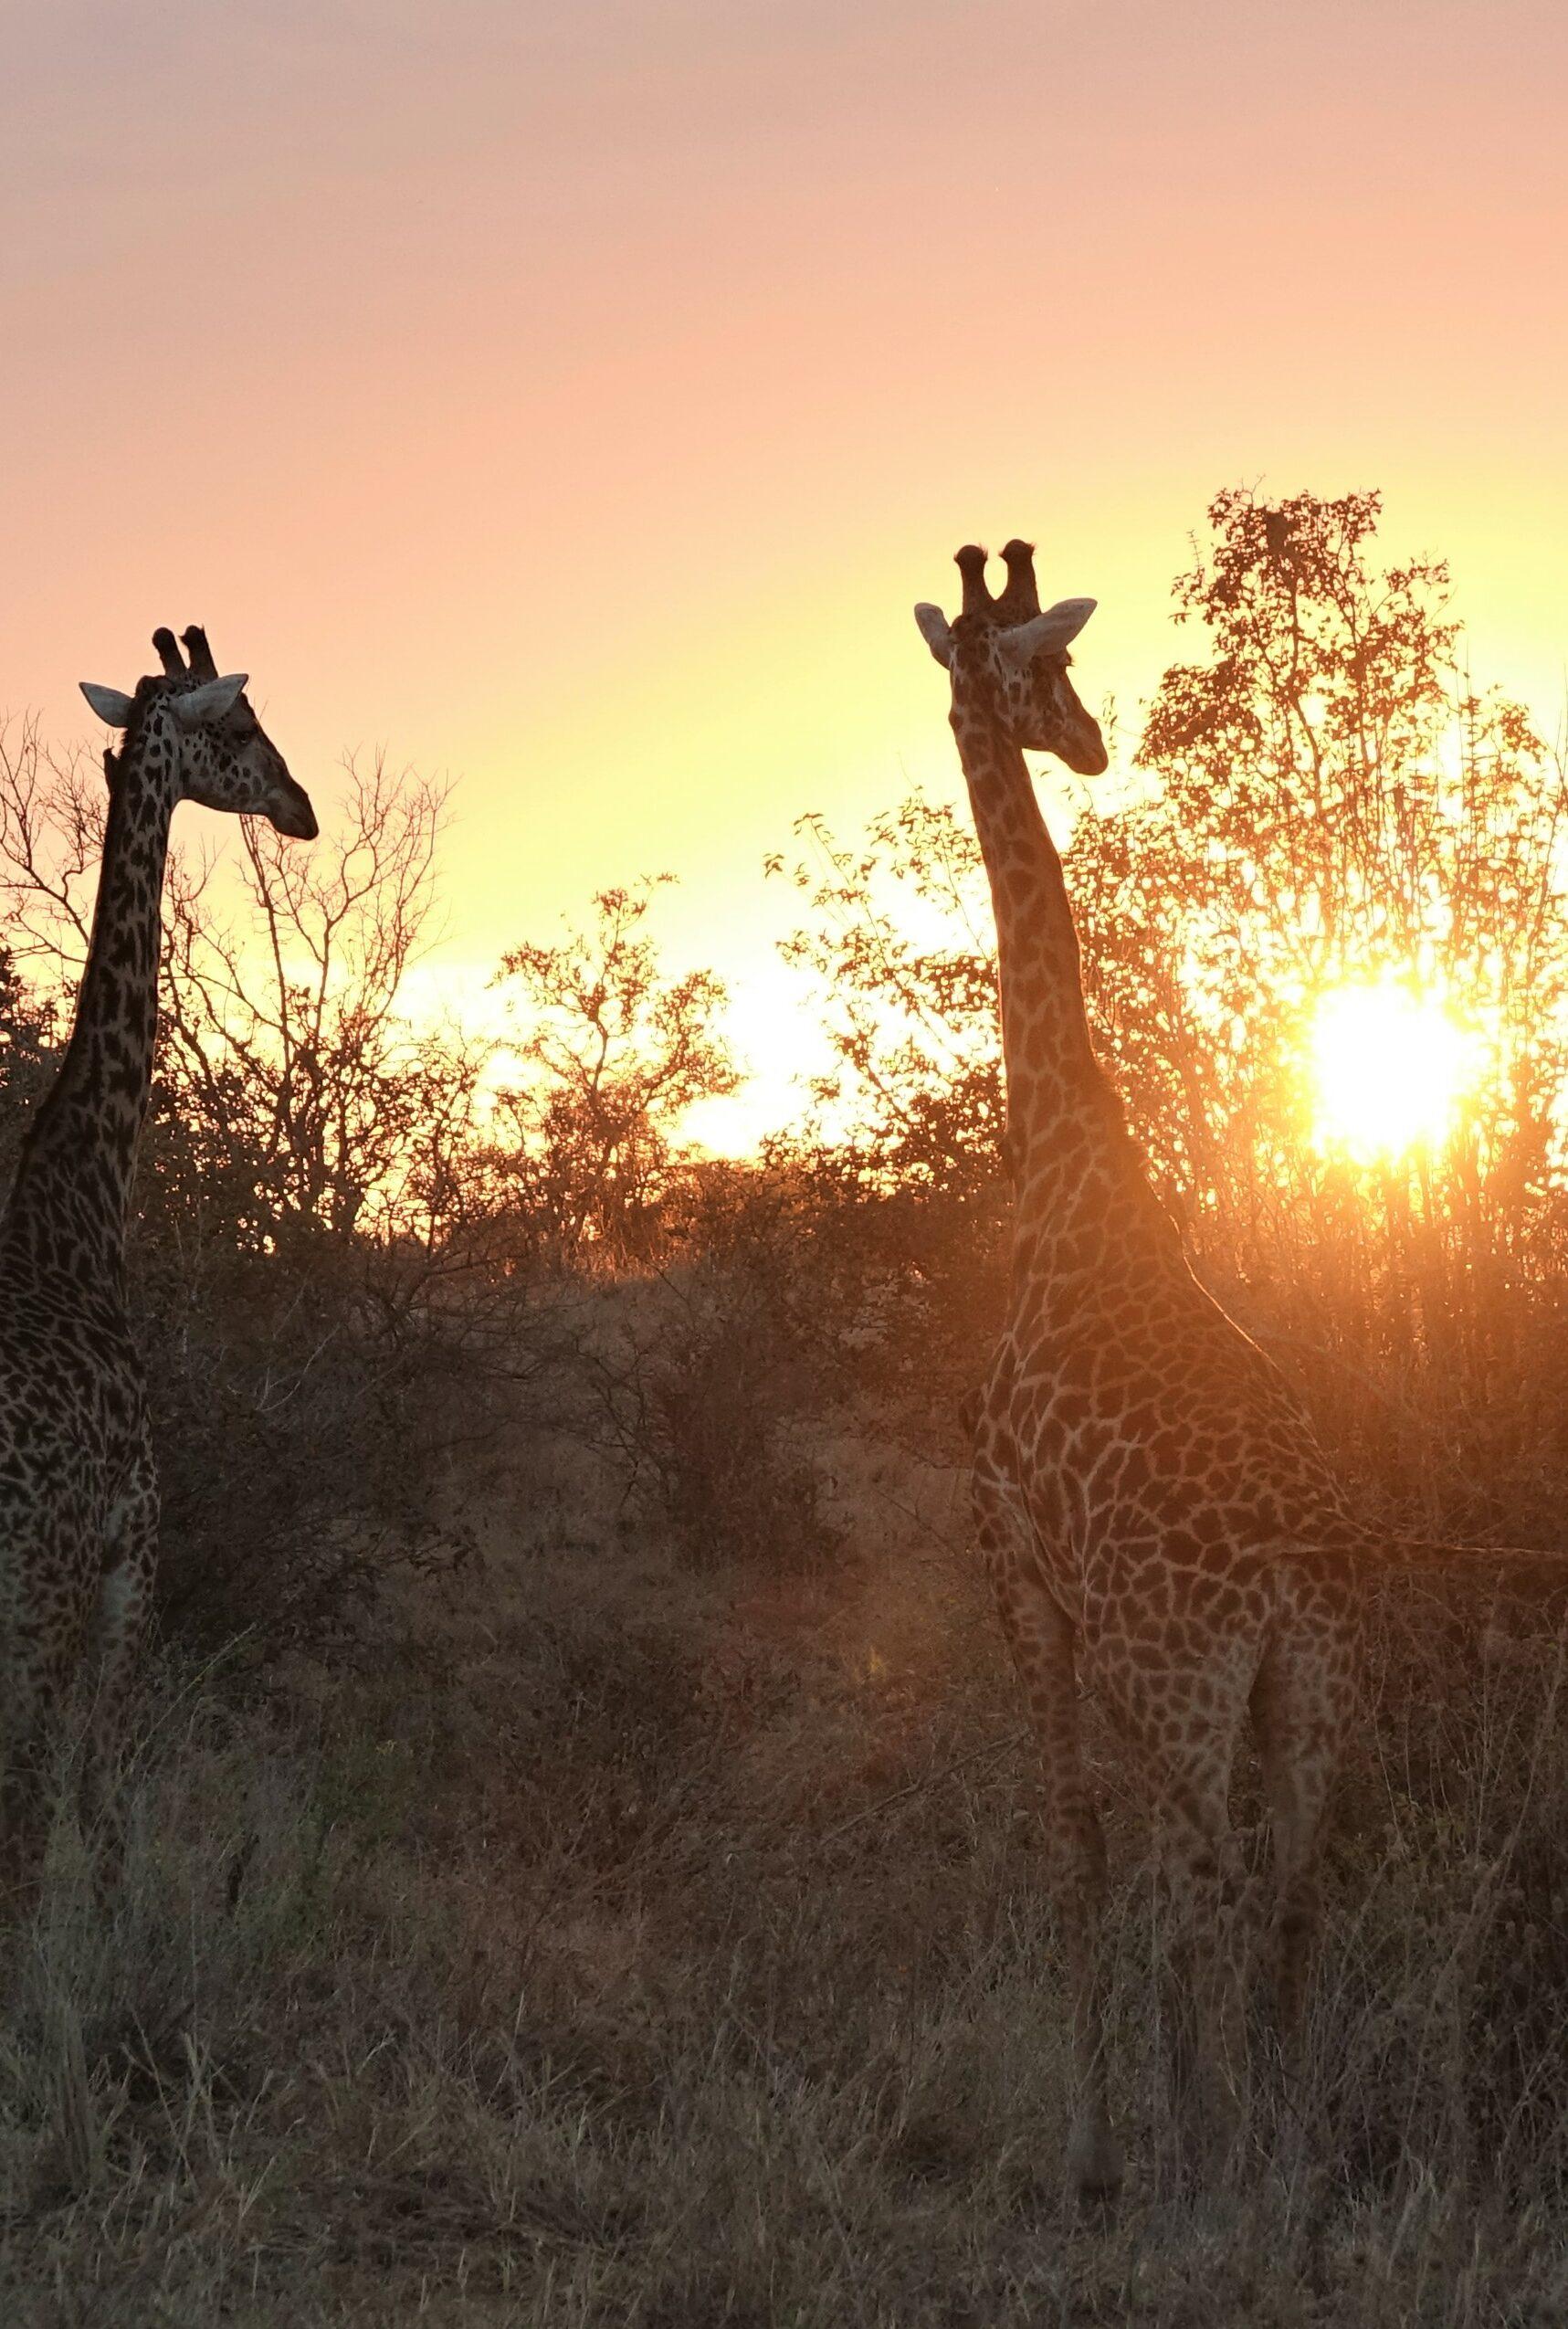 giraf in Tarangire National Park, Tanzania